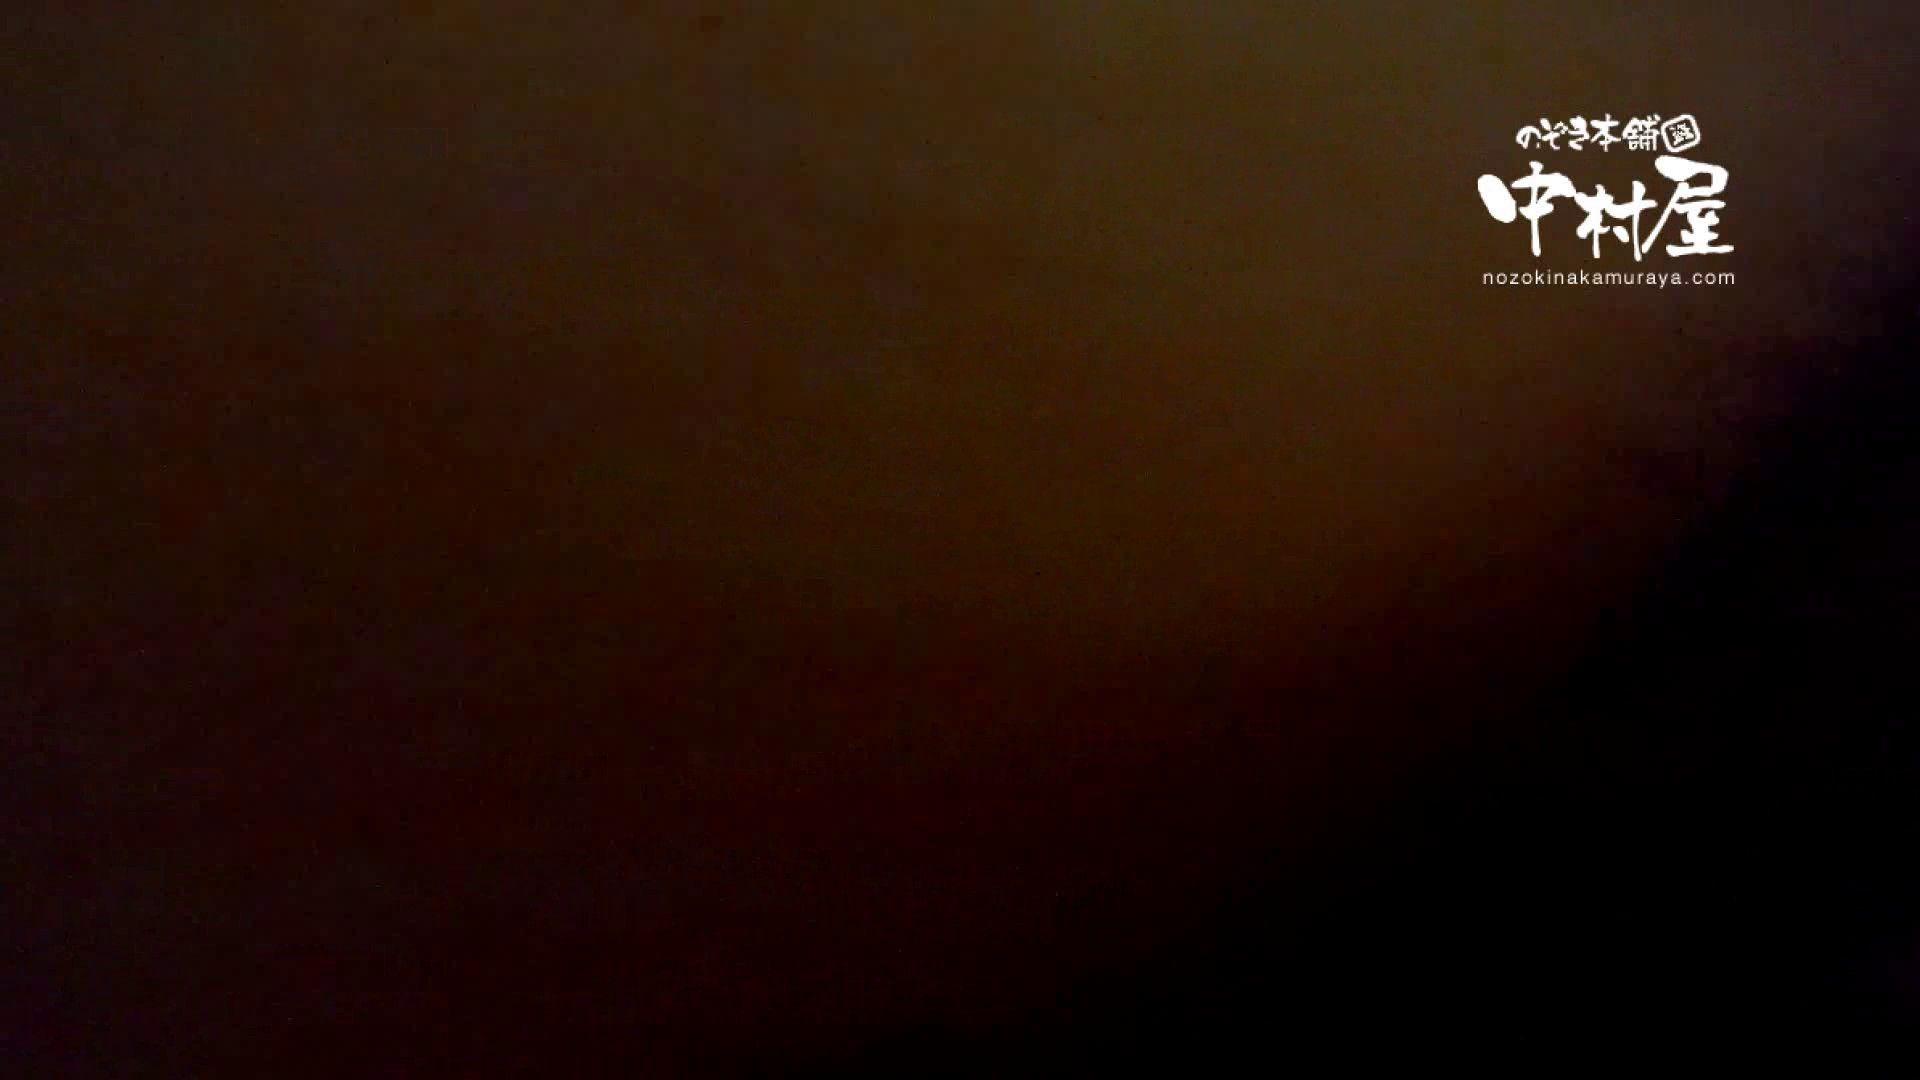 鬼畜 vol.16 実はマンざらでもない柔らかおっぱいちゃん 前編 鬼畜 | OLの実態  67pic 37